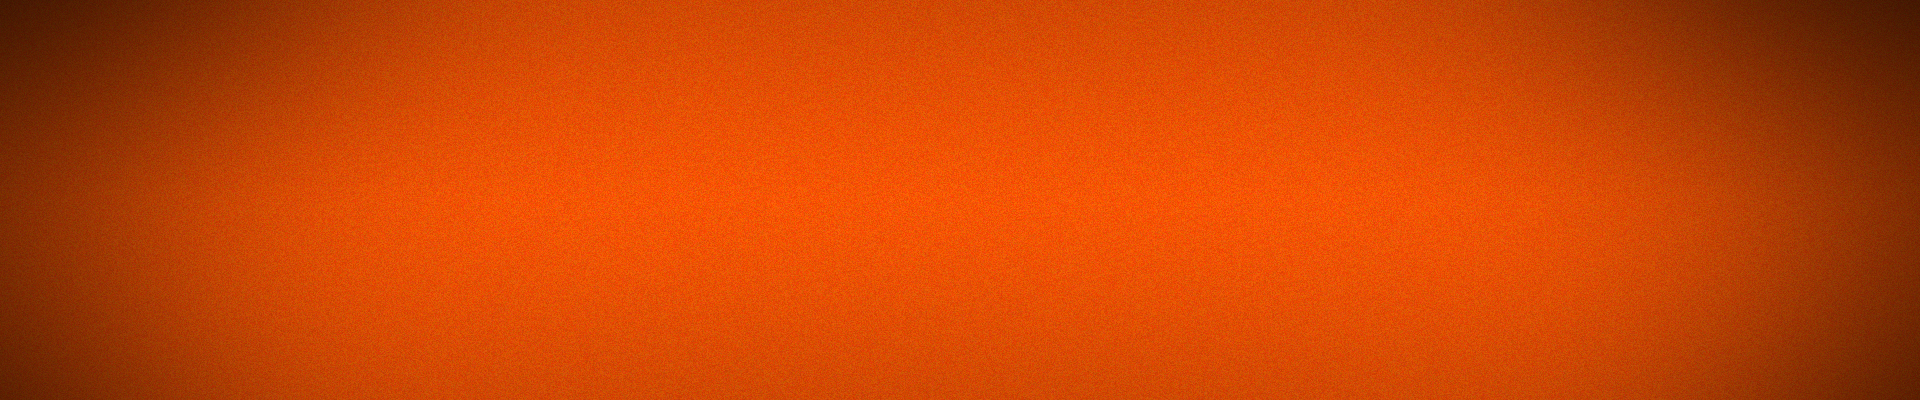 Banner_Backgorund_Orange